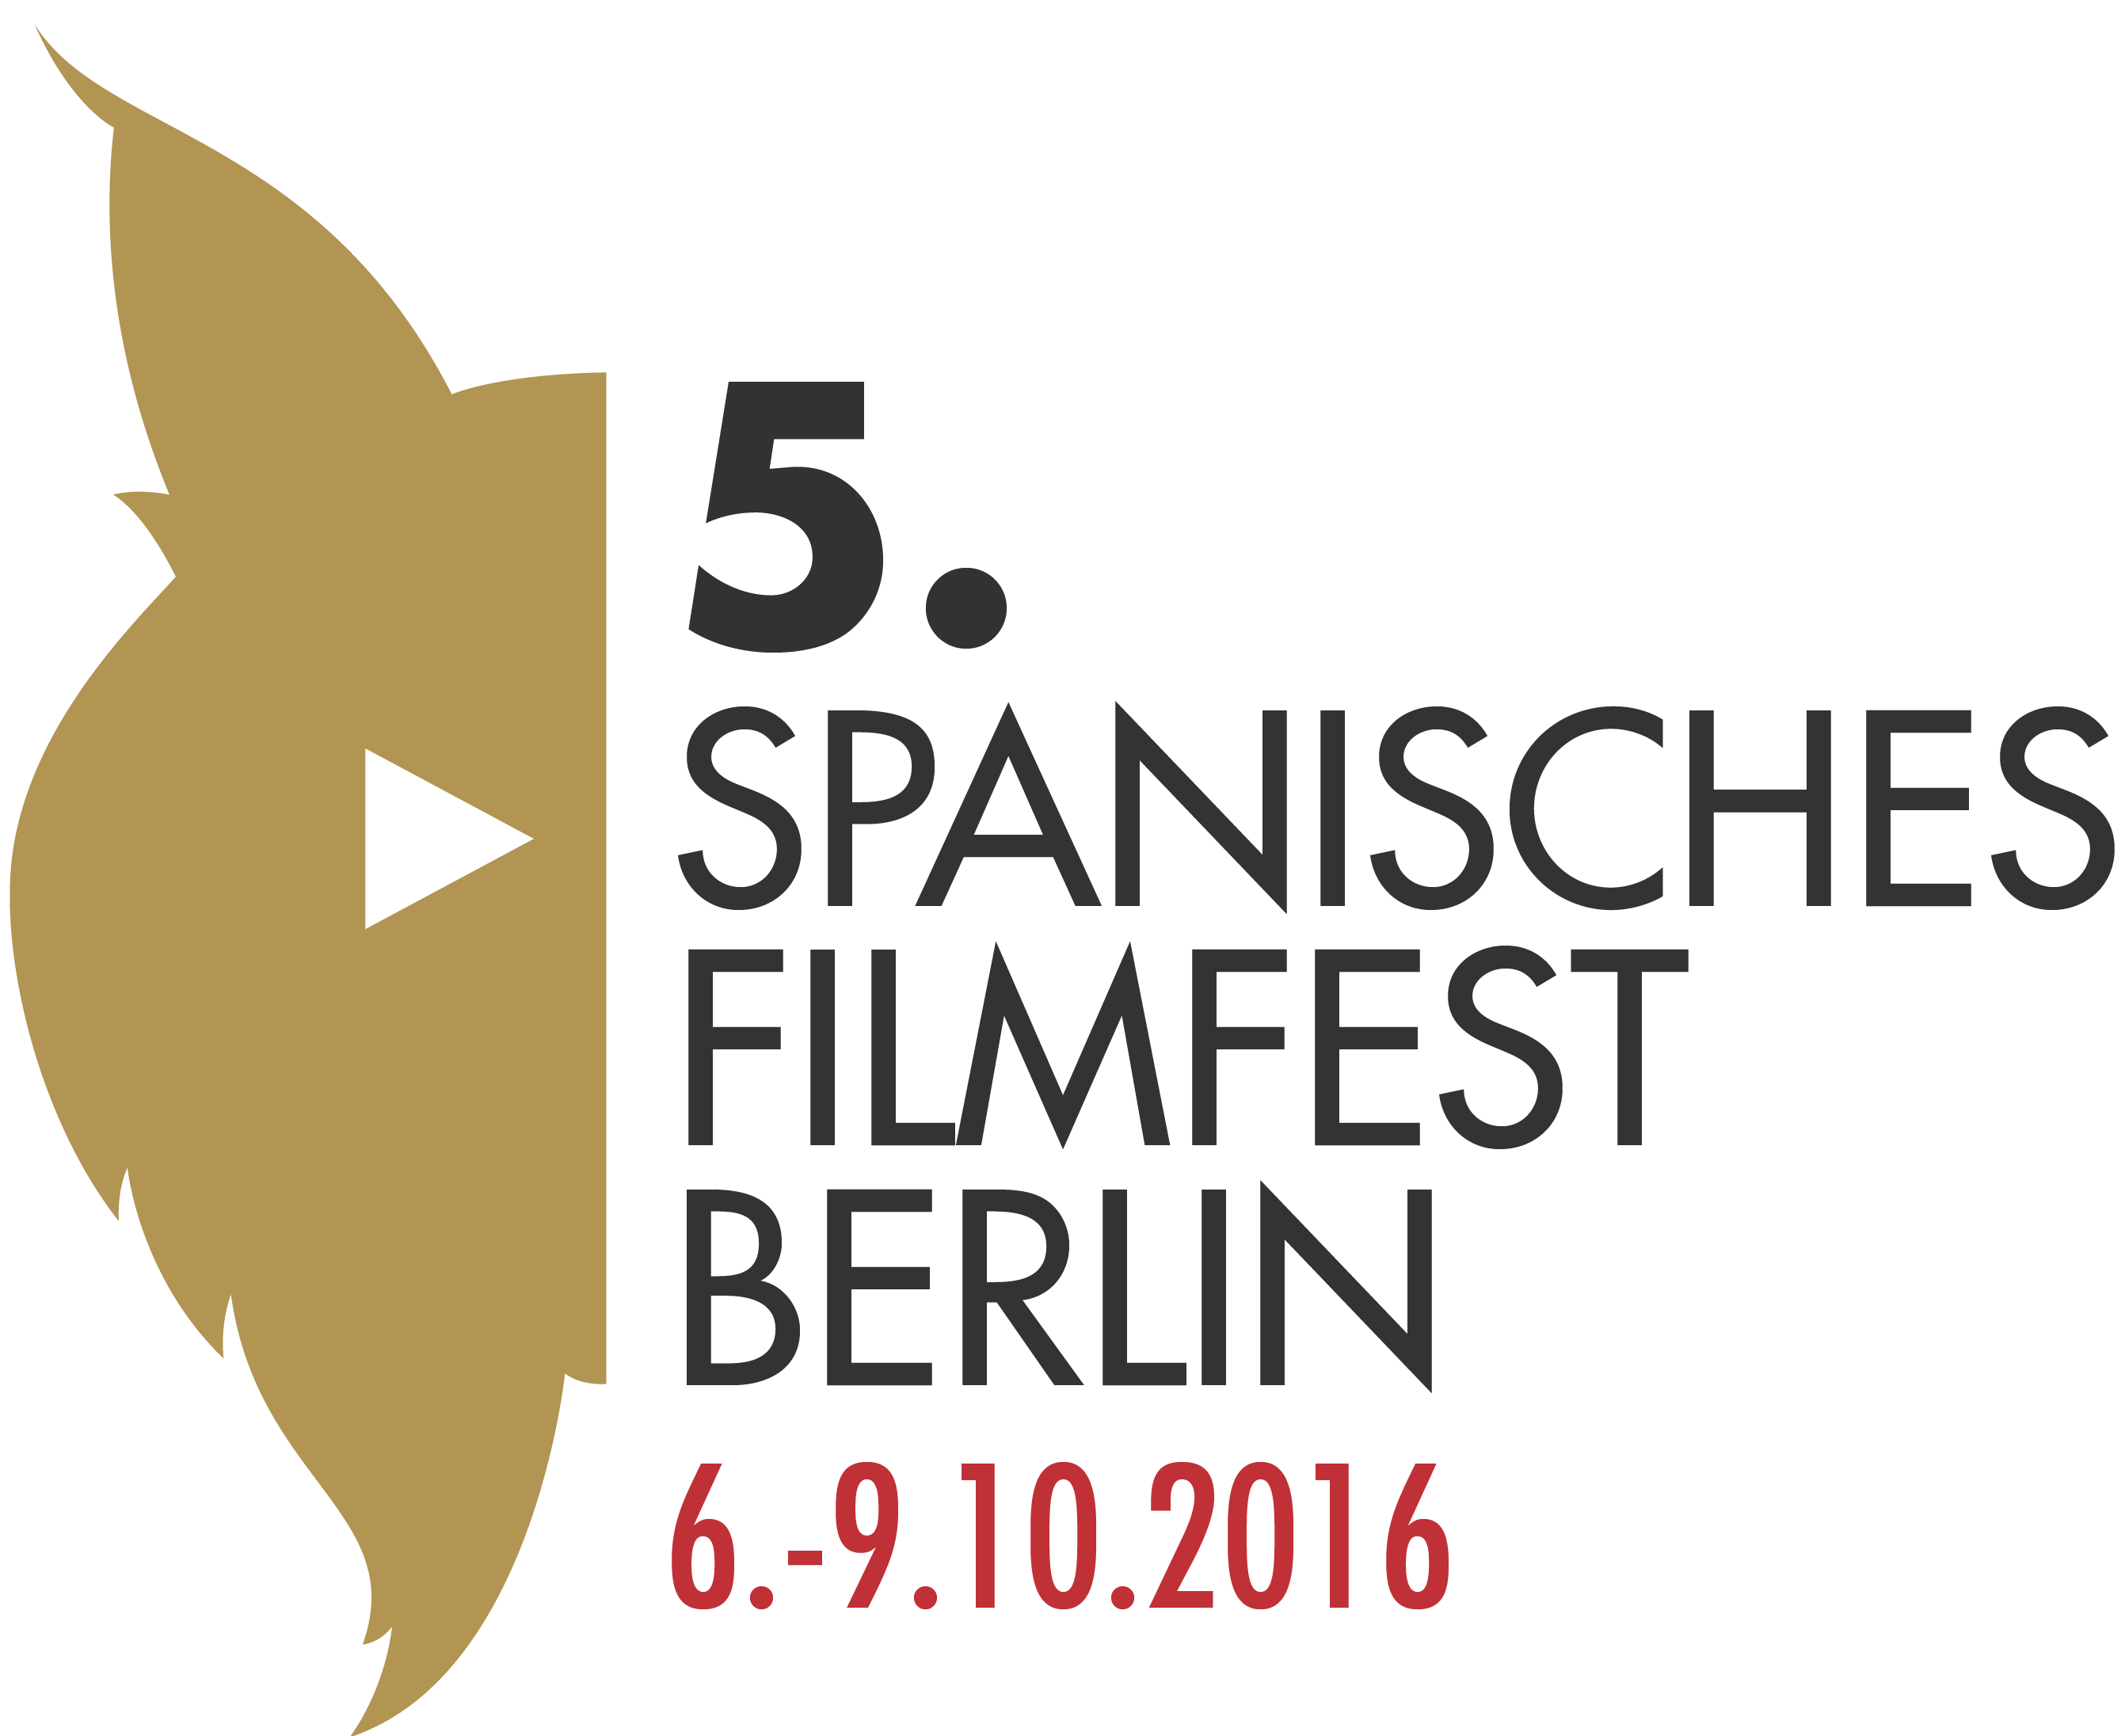 Spanisches Filmfest Berlin